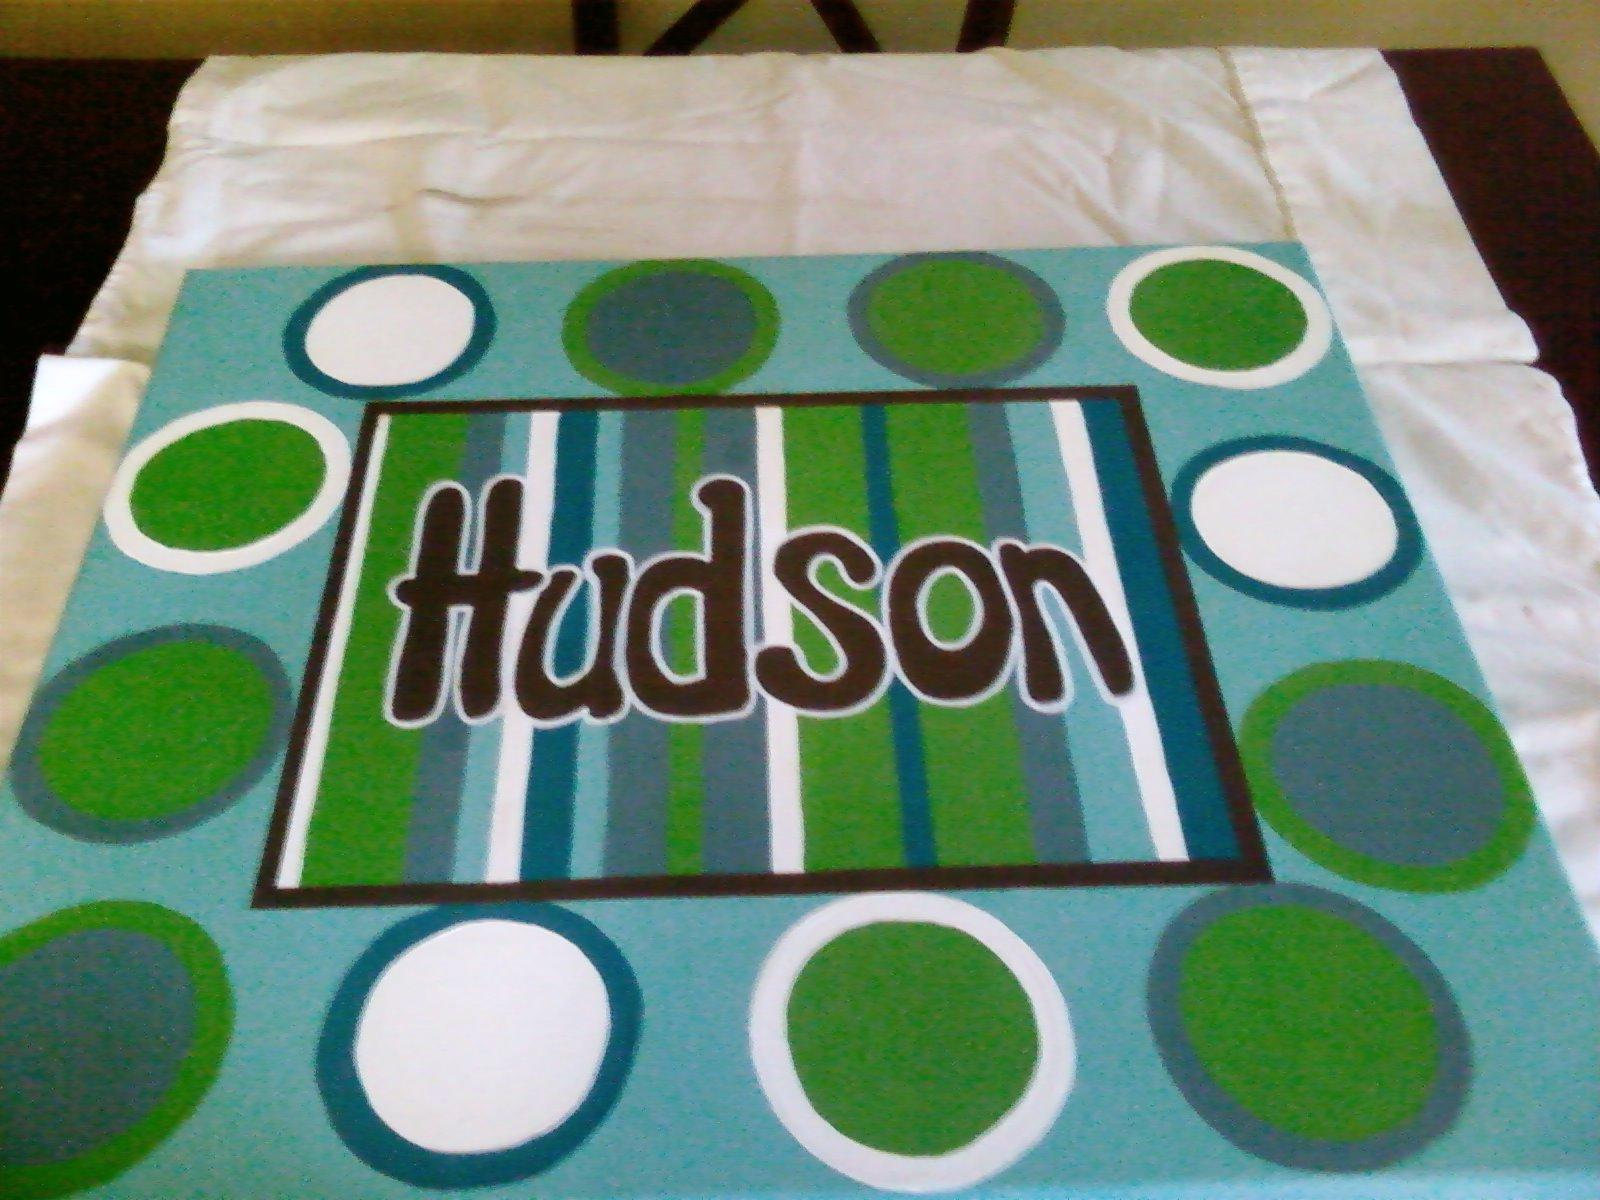 [hudson]